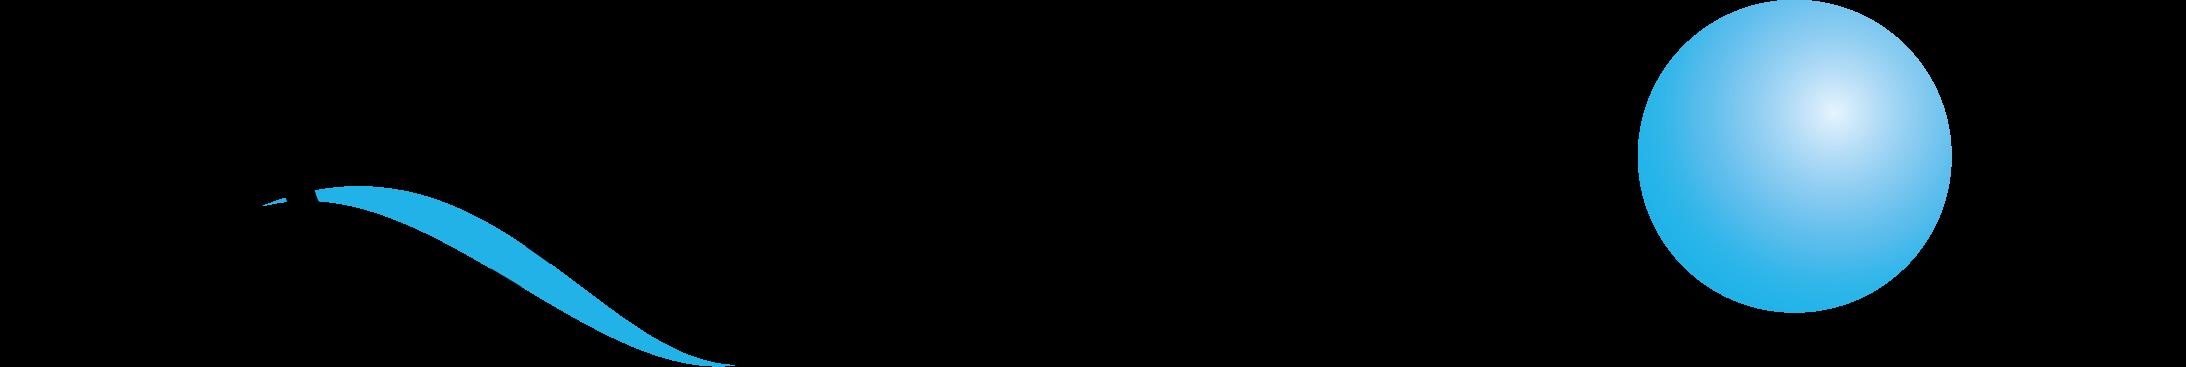 logo aquaprox